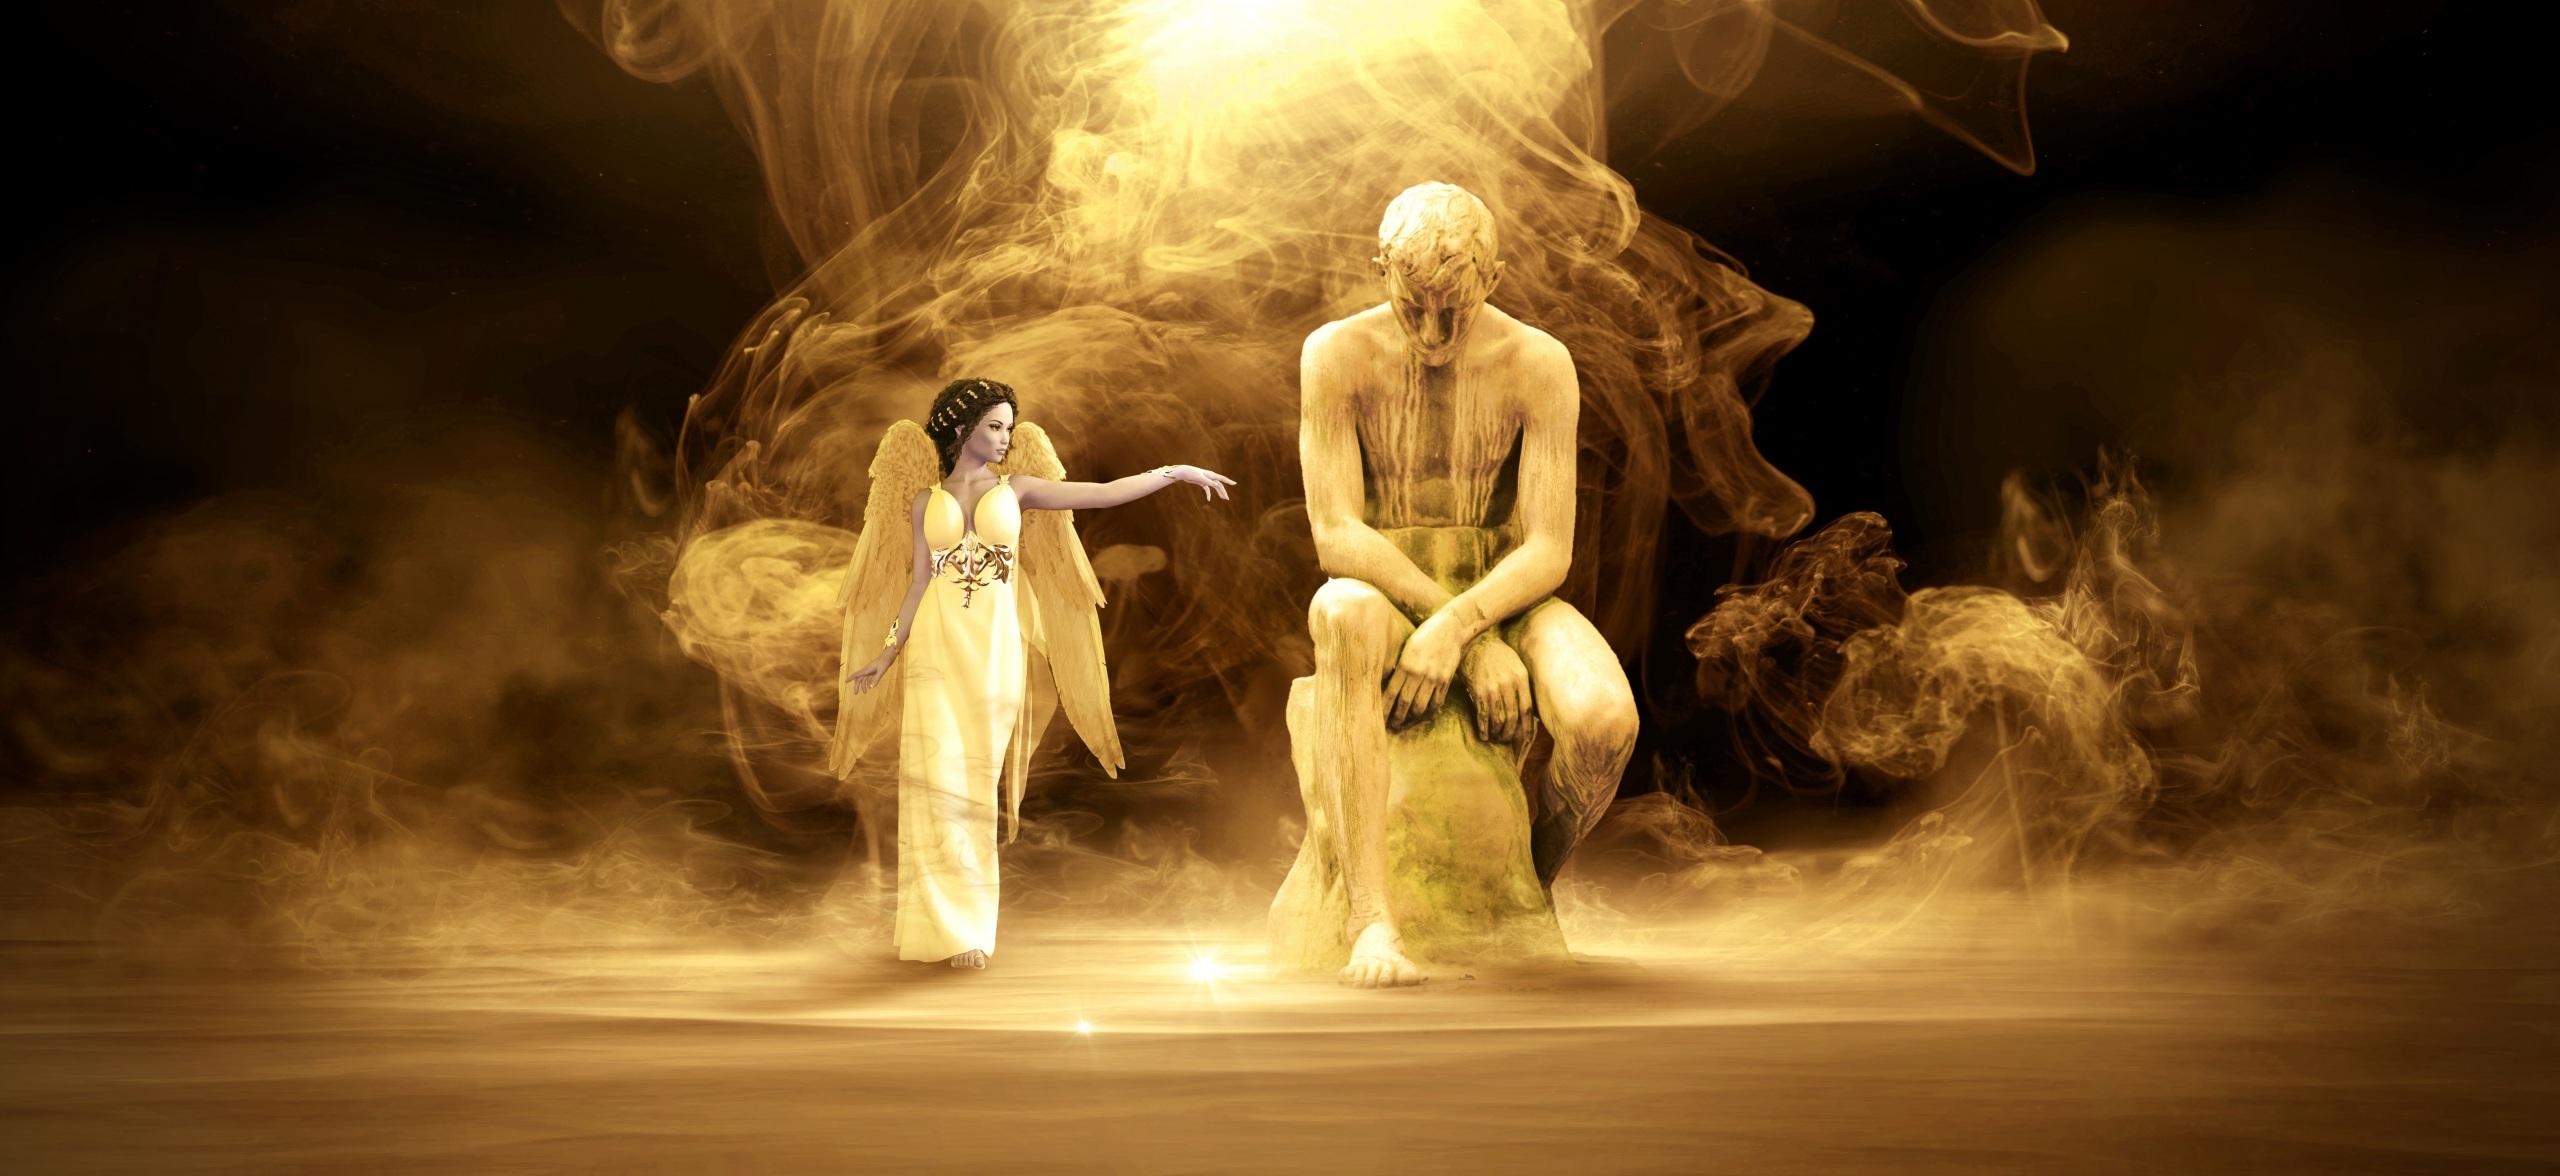 Bilder Mann Fantasy 3D-Grafik Mädchens Engeln Rauch sitzen Skulpturen Kleid 2560x1176 sitzt Sitzend